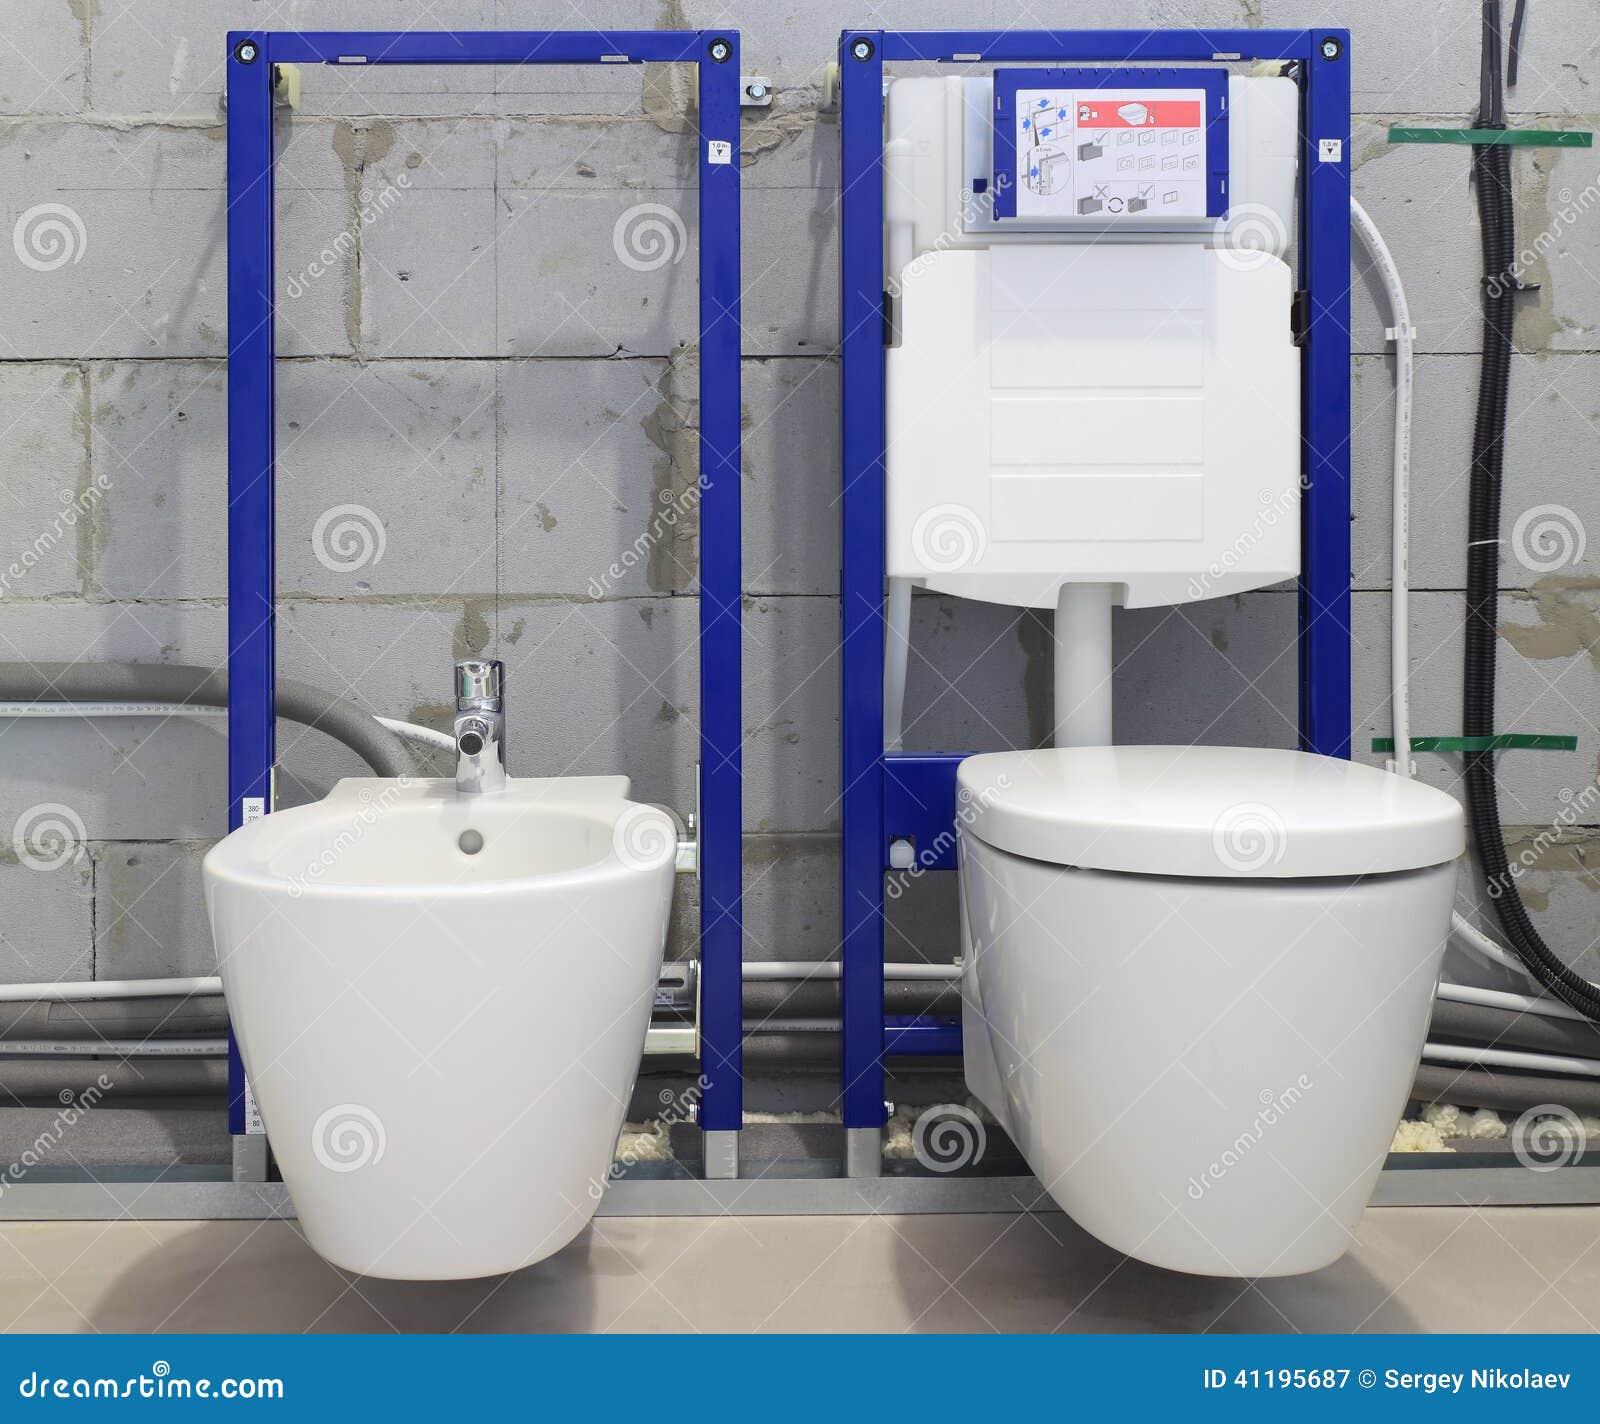 Systemes D Installation Pour Des Toilettes Et Des Bidets Image Stock